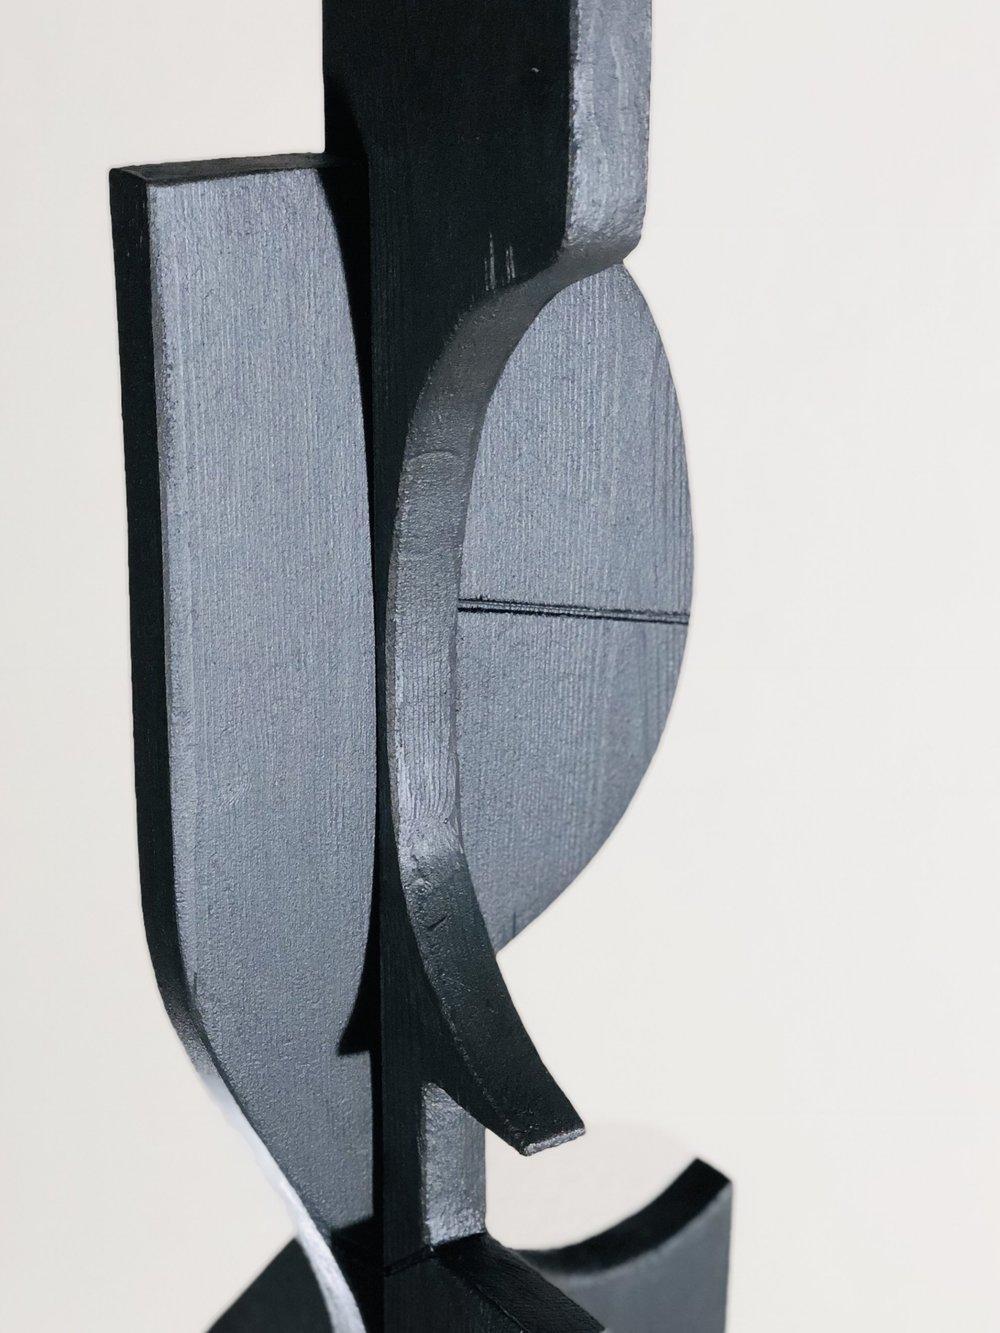 Sculpture001-Detail2.jpg